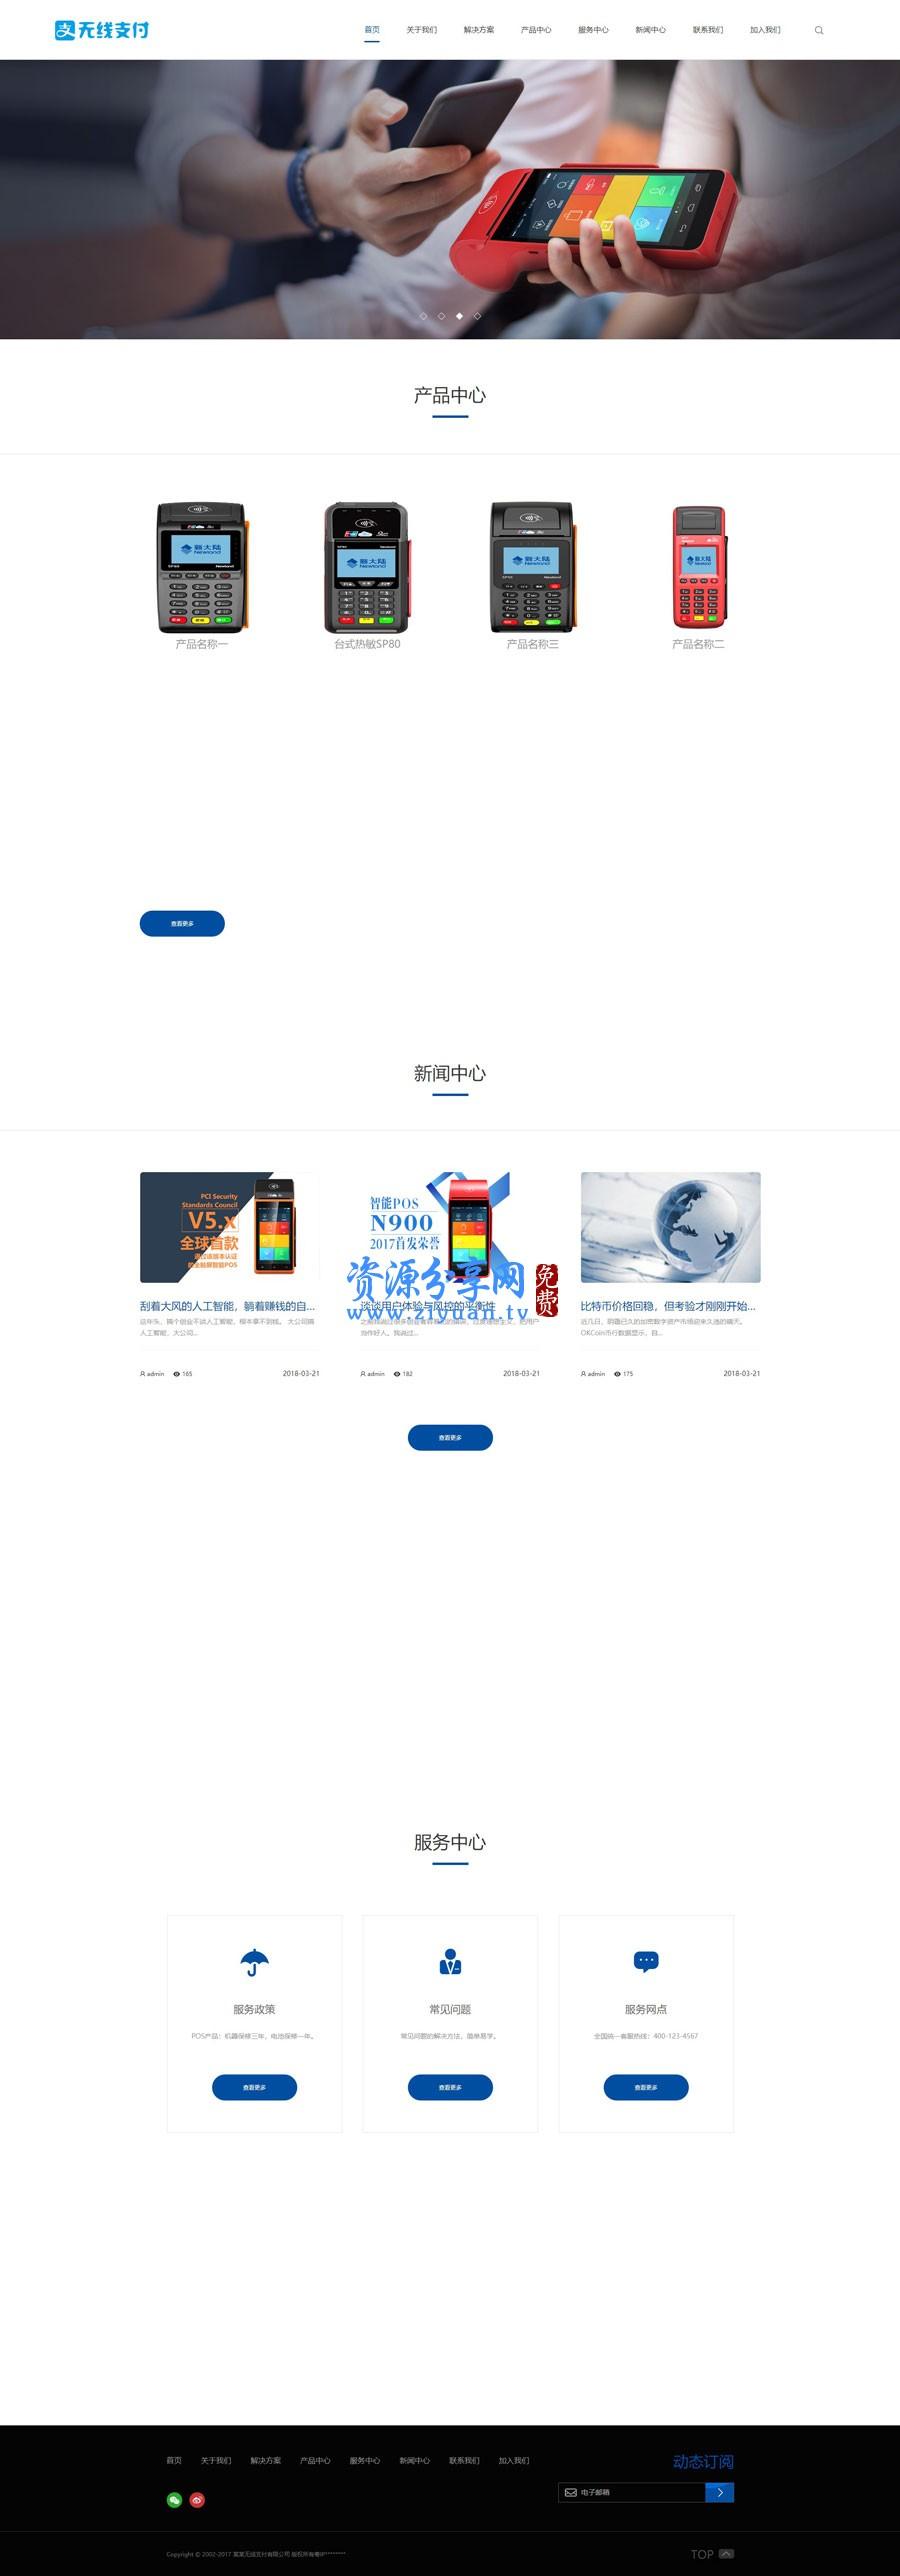 无线支付 POS 机公司网站模板 织梦模板 html5 响应式无线支付刷卡机支付行业网站